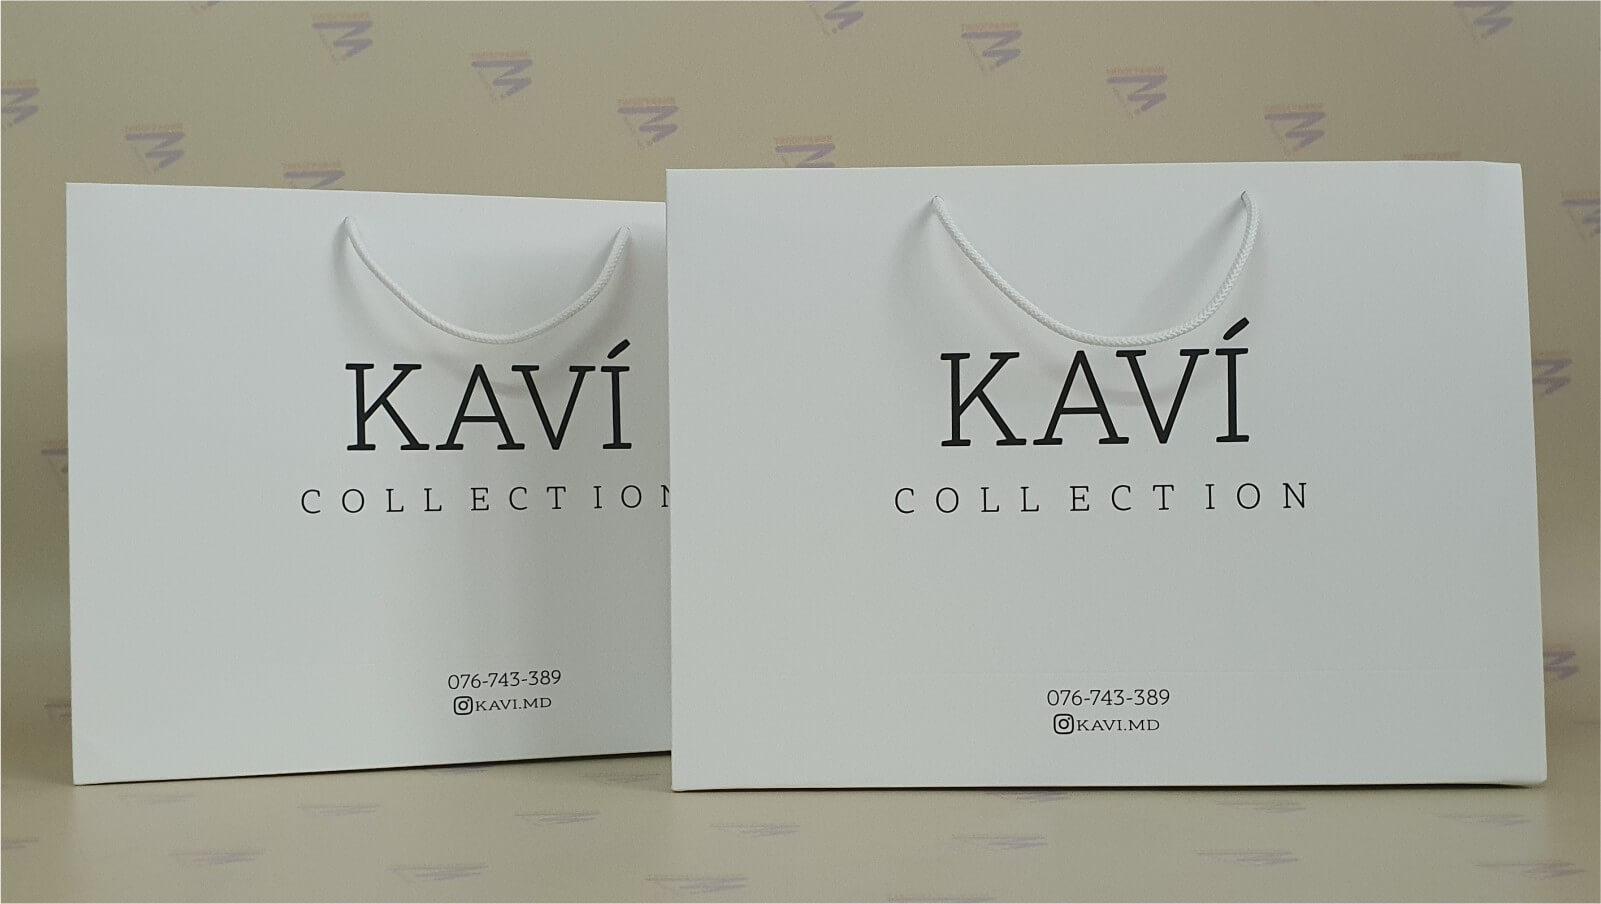 белый пакет картонный со шнурками чёрный лого печать матовая ламинация